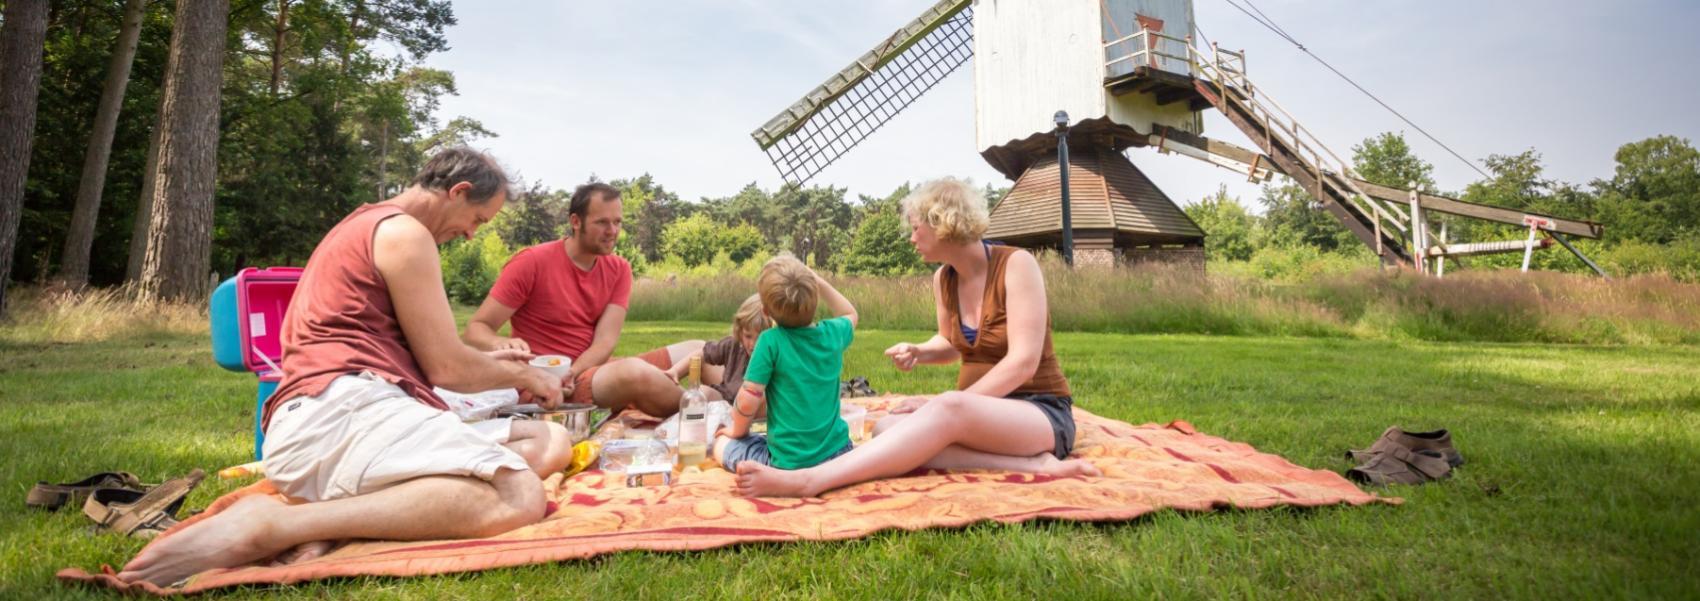 gezin dat picknickt bij de molen